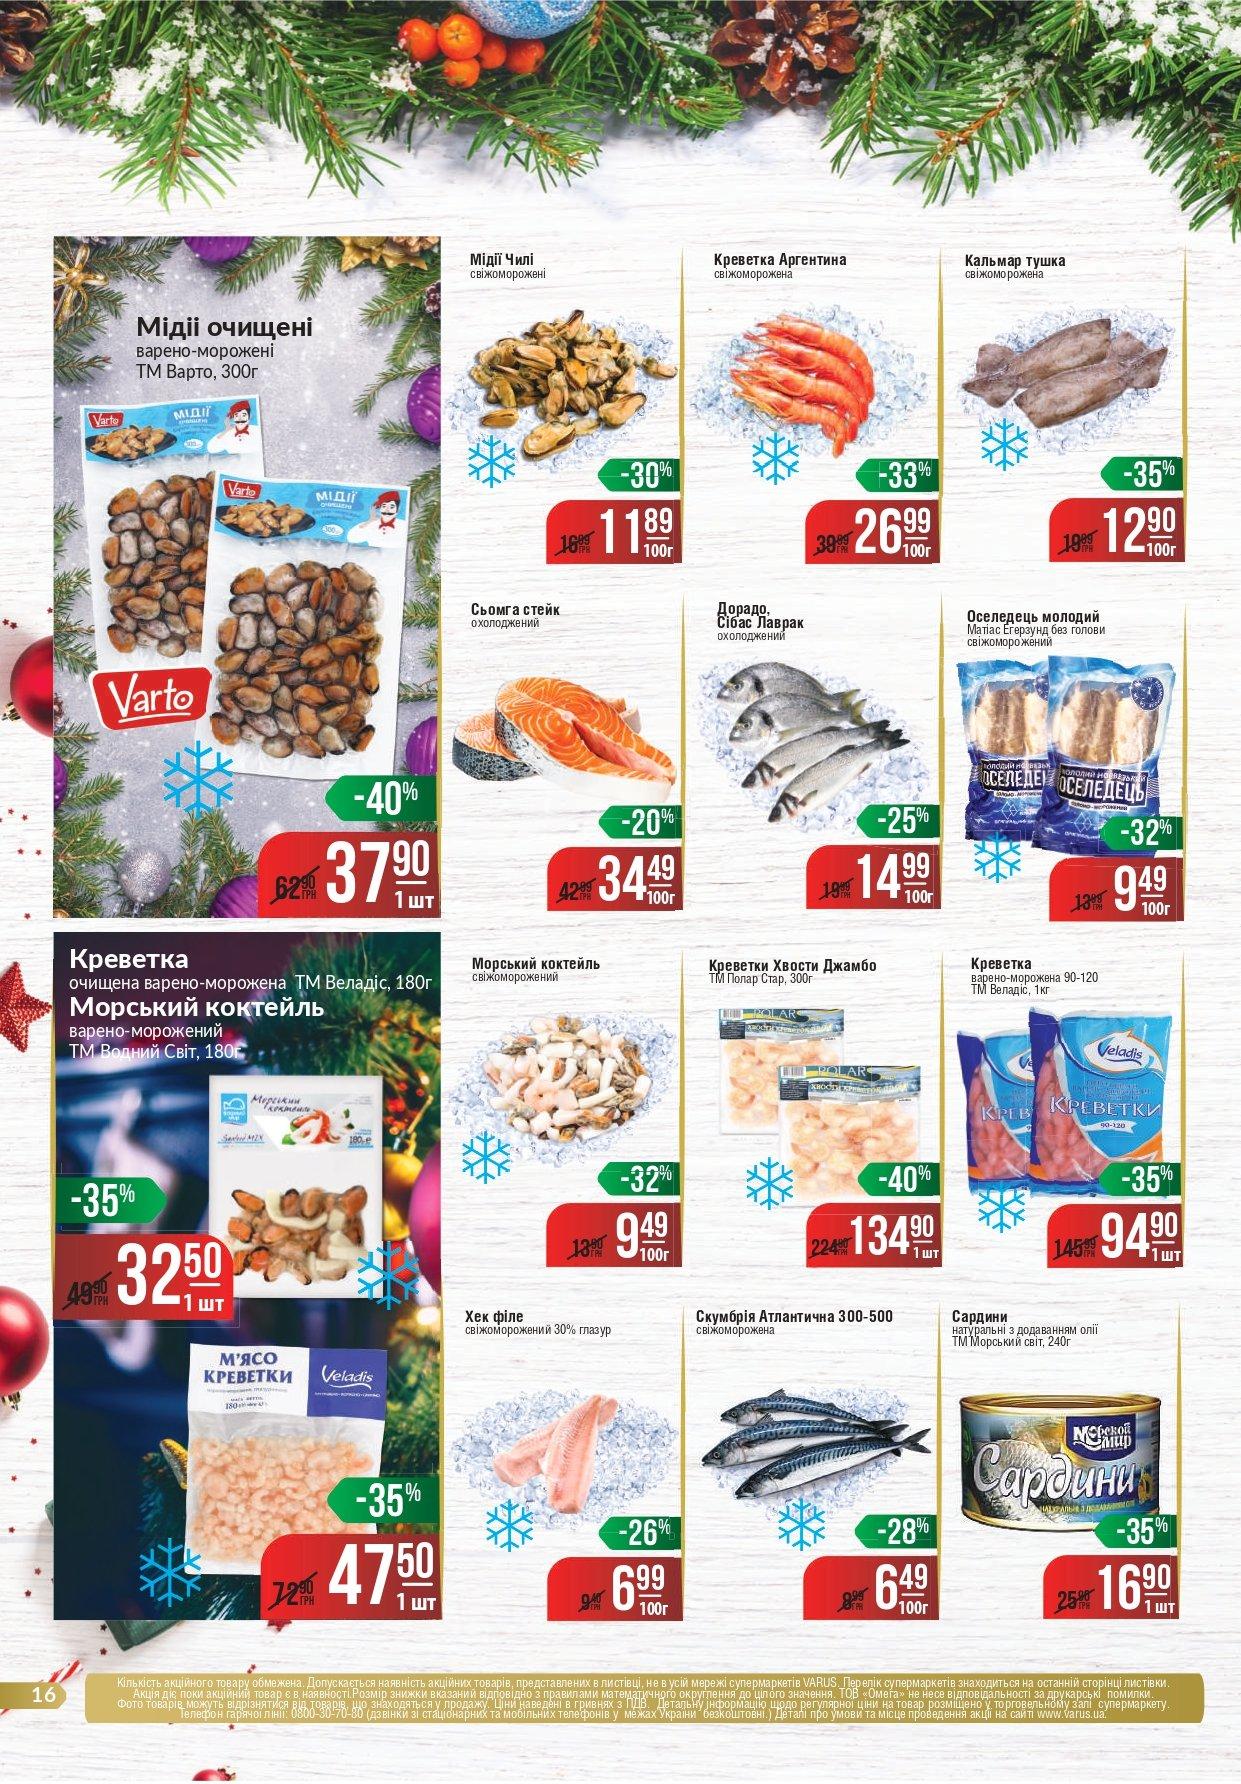 Делаем покупки к Новому Году: какие акции действуют в супермаркетах Днепра, - ЦЕНЫ, фото-45